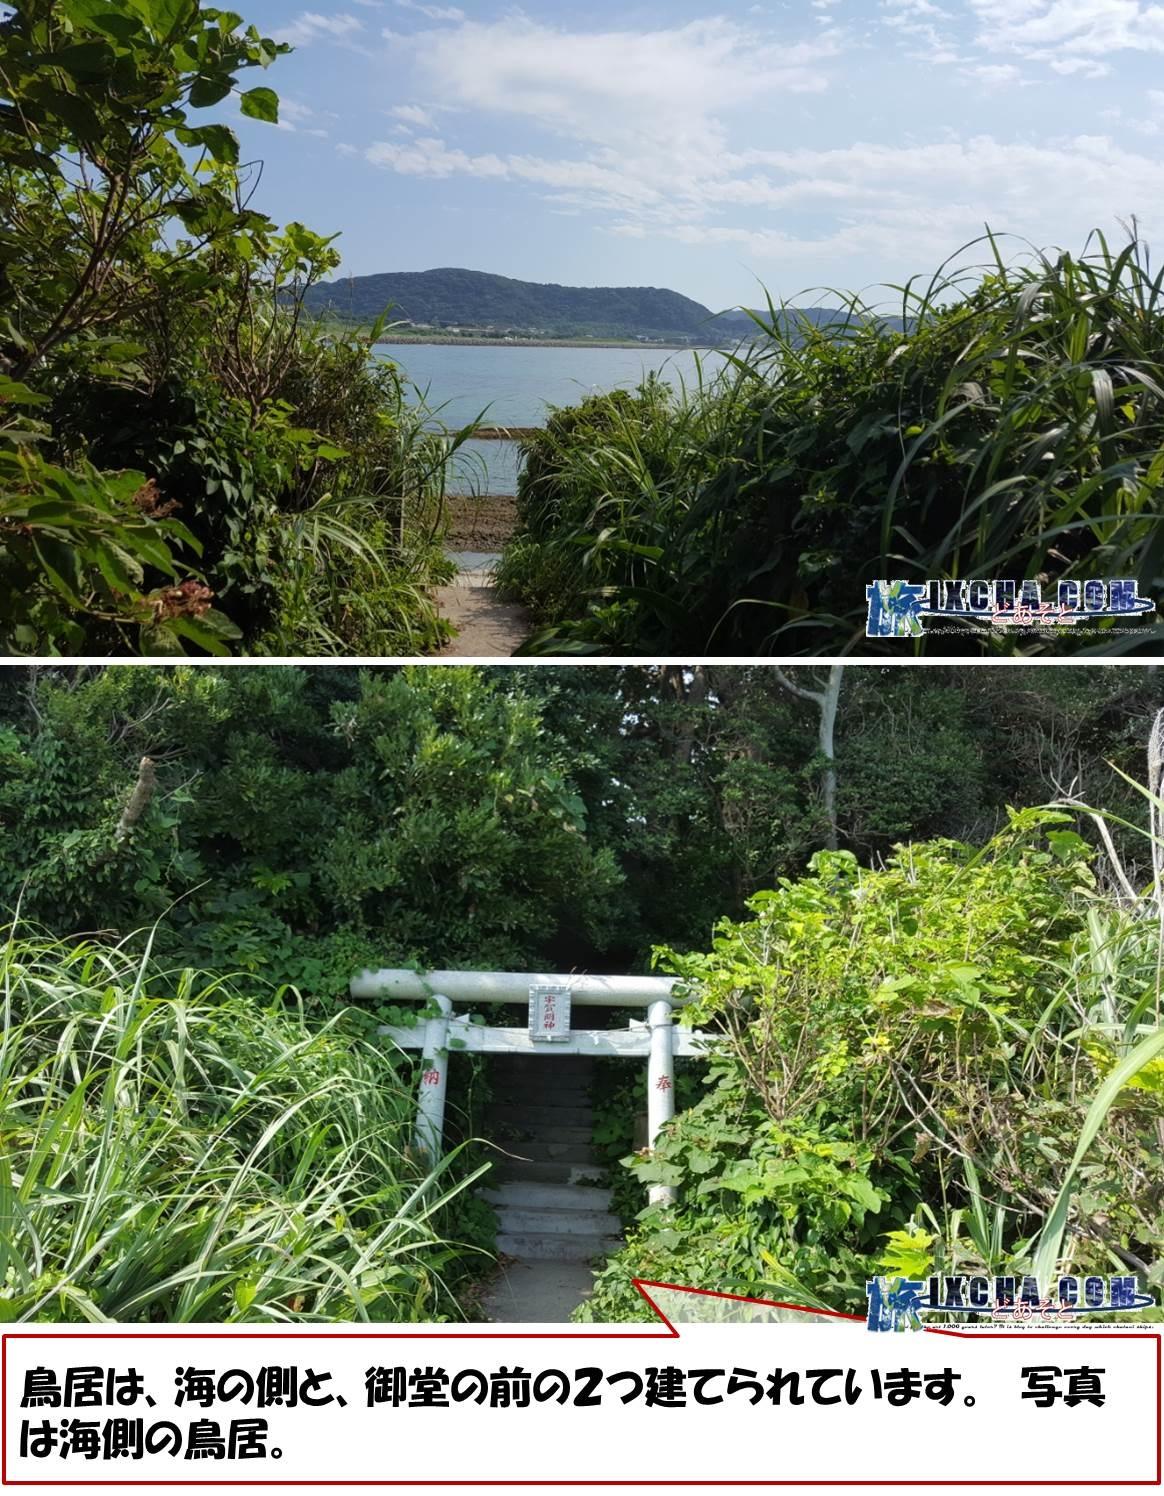 鳥居は、海の側と、御堂の前の2つ建てられています。 写真は海側の鳥居。